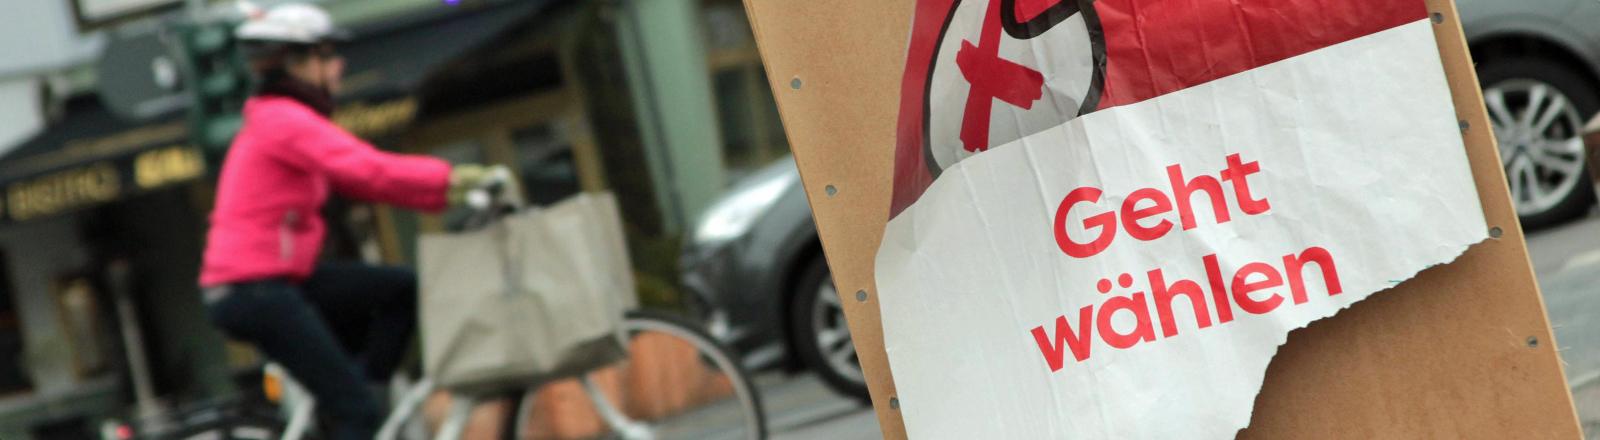 """Auf einem zerrupften Plakat steht """"Geht wählen""""."""